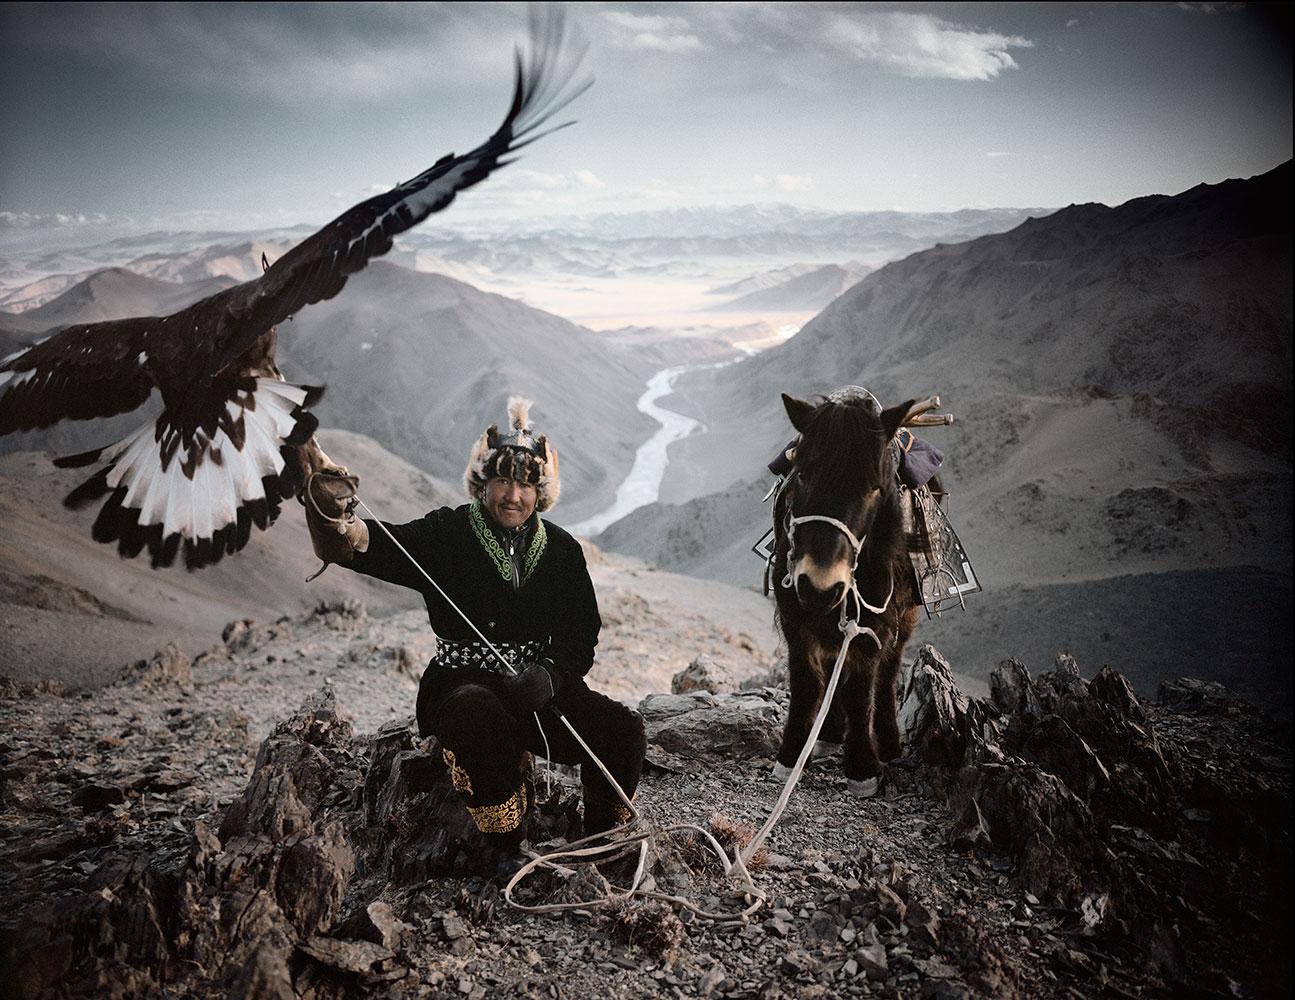 Казахи в Монголии охота с беркутами Казахи в Монголии: охота с беркутами  D0 BA D0 B0 D0 B7 D0 B0 D1 85 D0 B8 20 D0 B2 20 D0 9C D0 BE D0 BD D0 B3 D0 BE D0 BB D0 B8 D0 B8 20Jimmy 20Nelson 20 D1 84 D0 BE D1 82 D0 BE 20 4